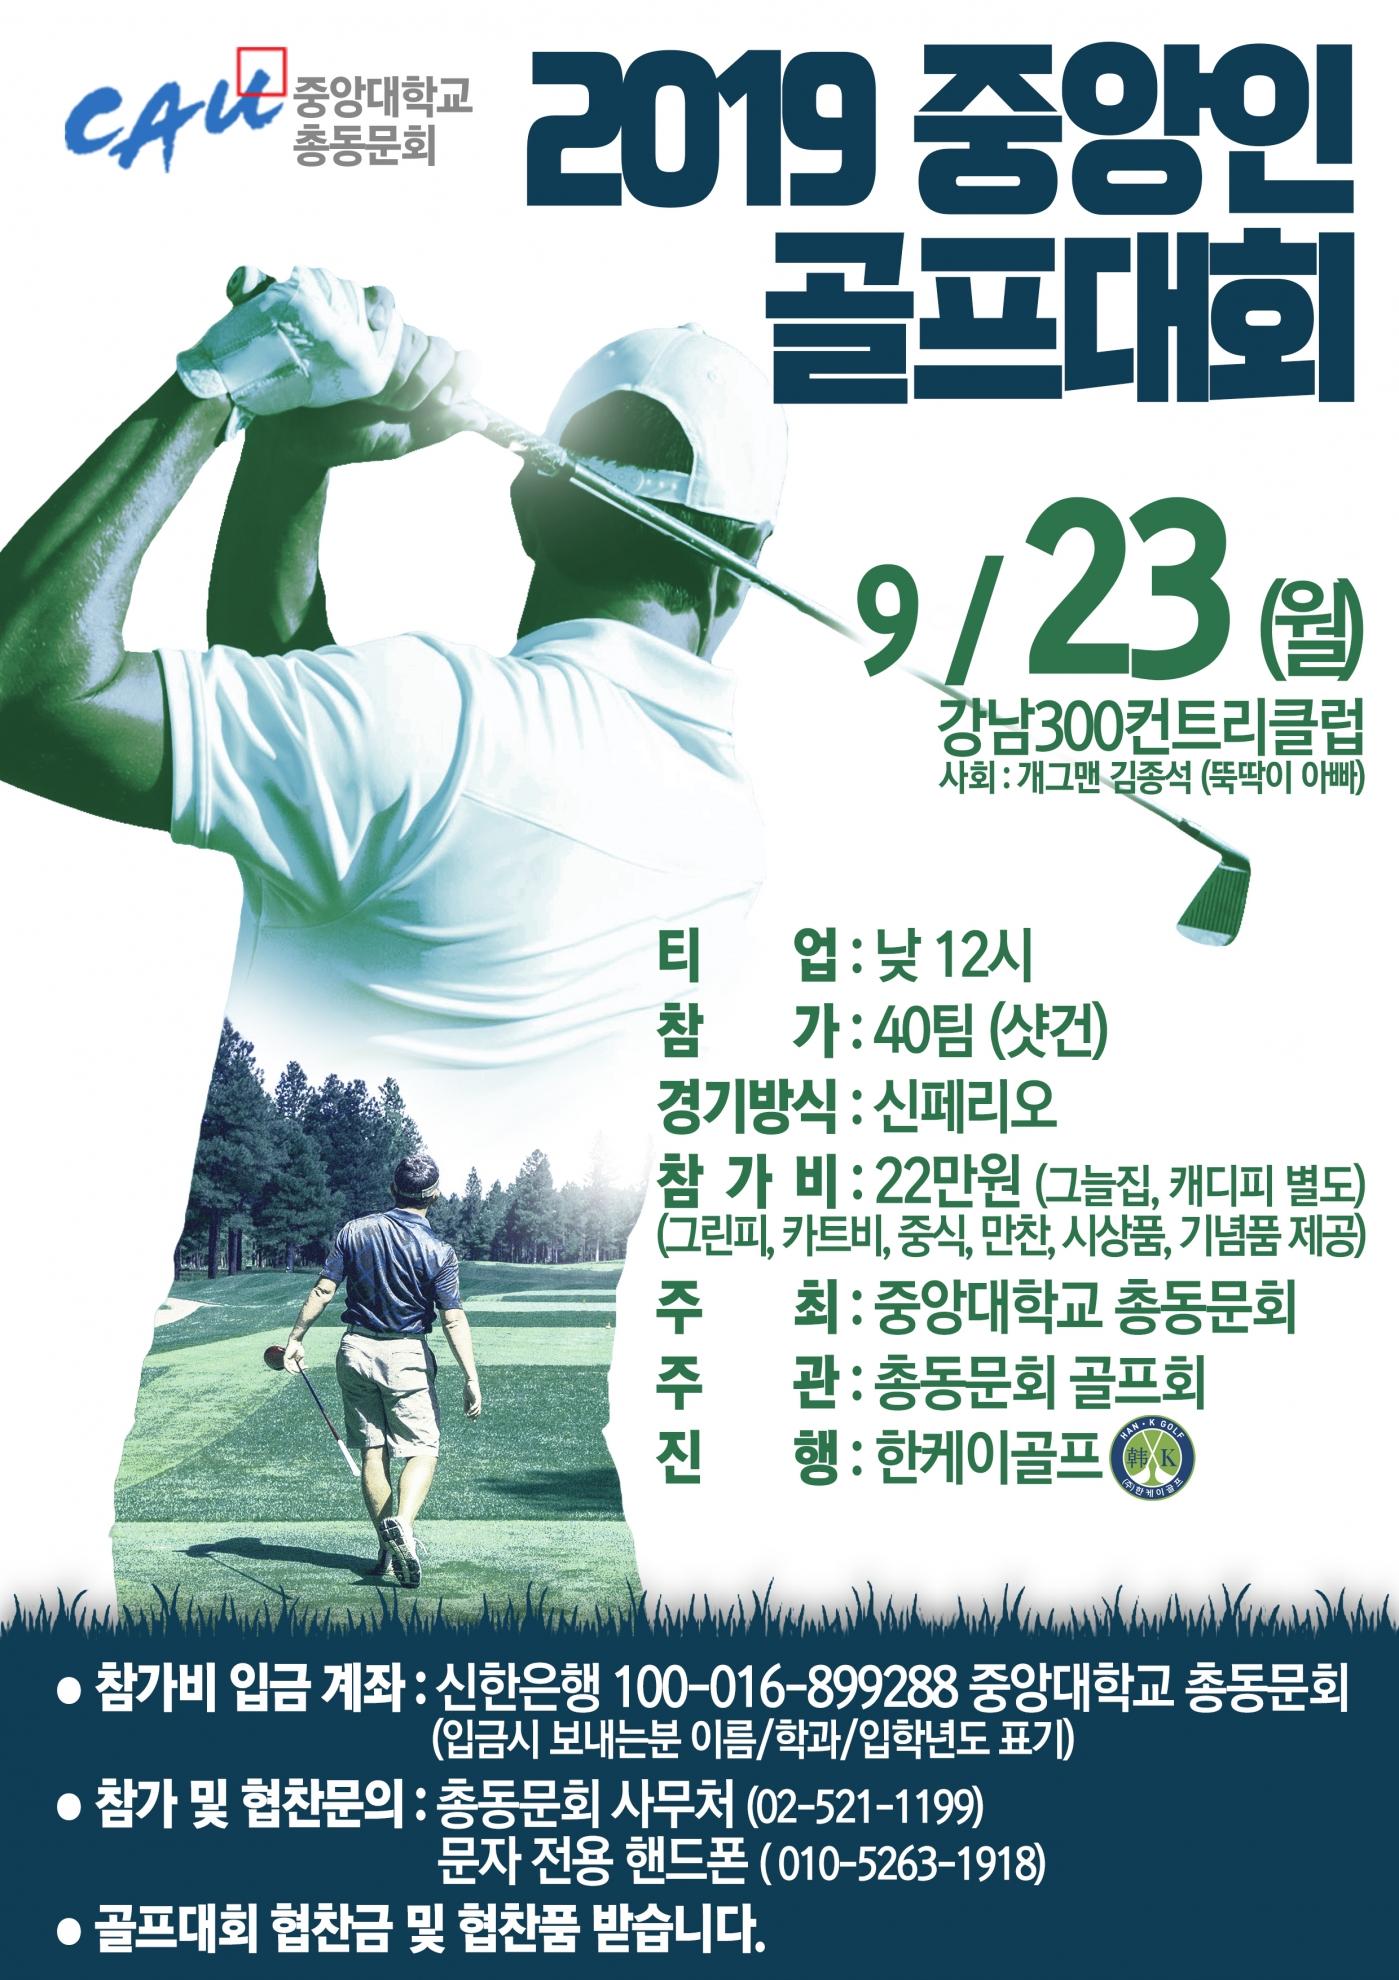 2019중앙인골프대회(포스터).jpg